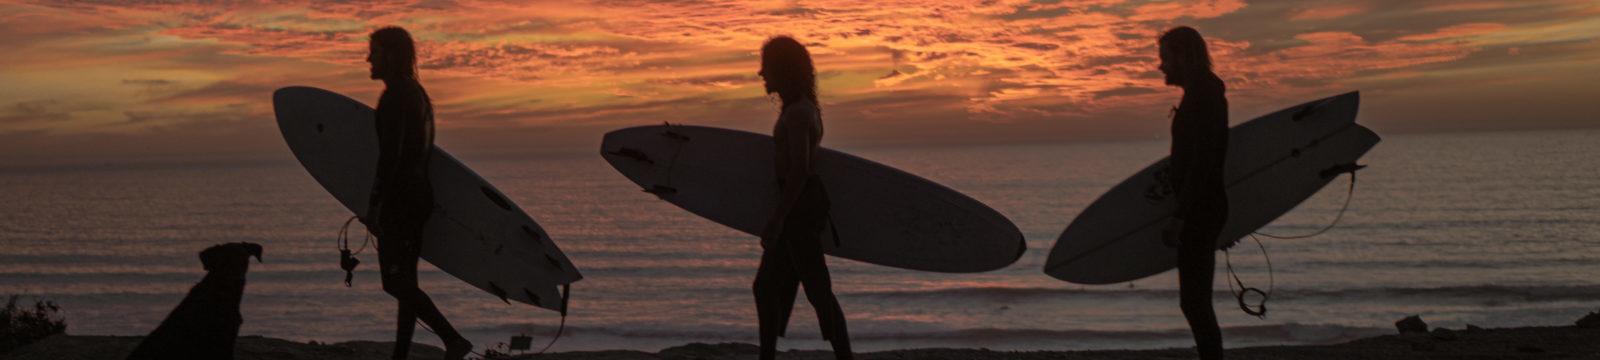 BANANA SURF MOROCCO